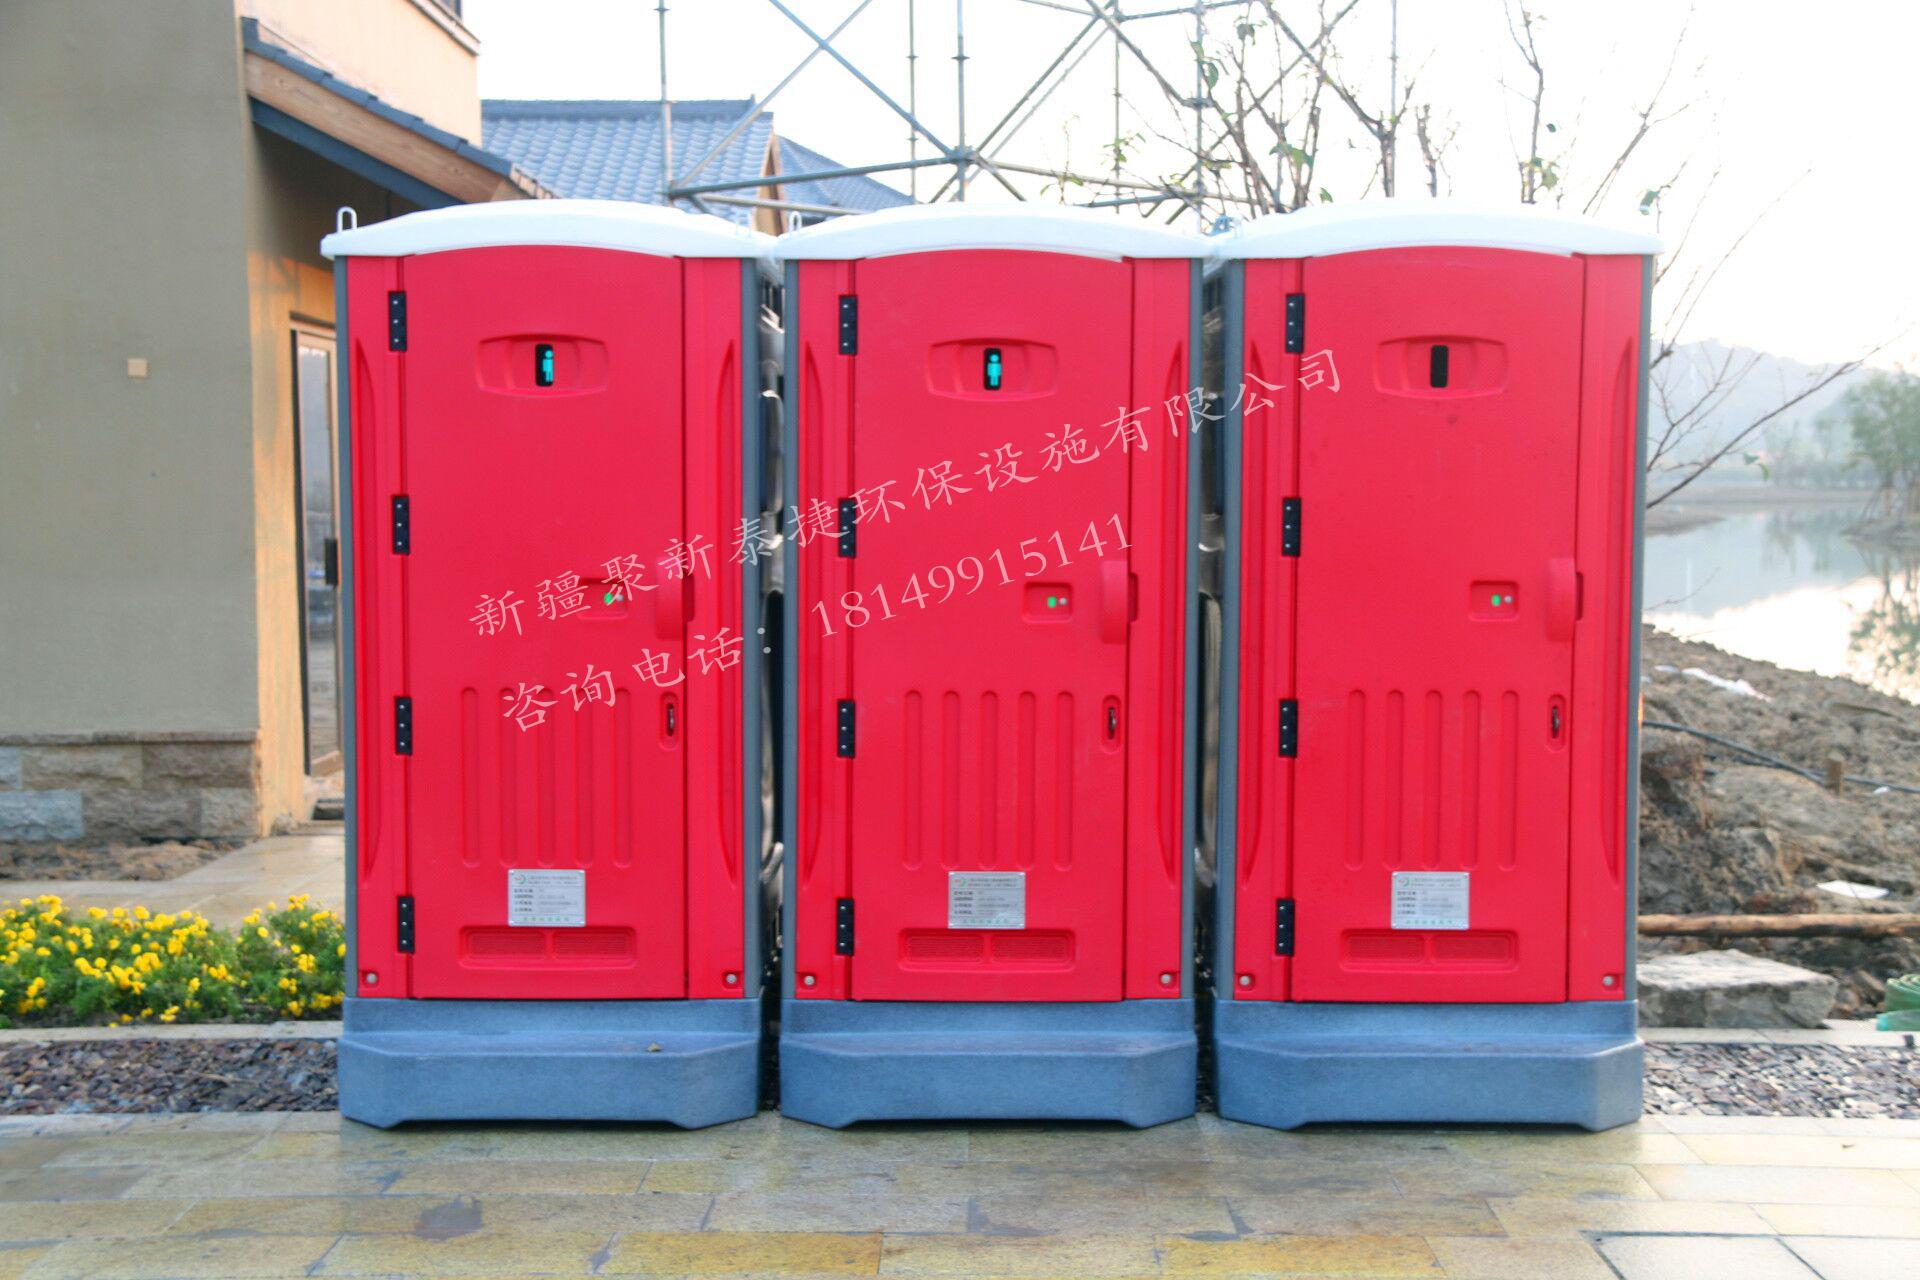 澳洲进口环保厕所TJET-1301